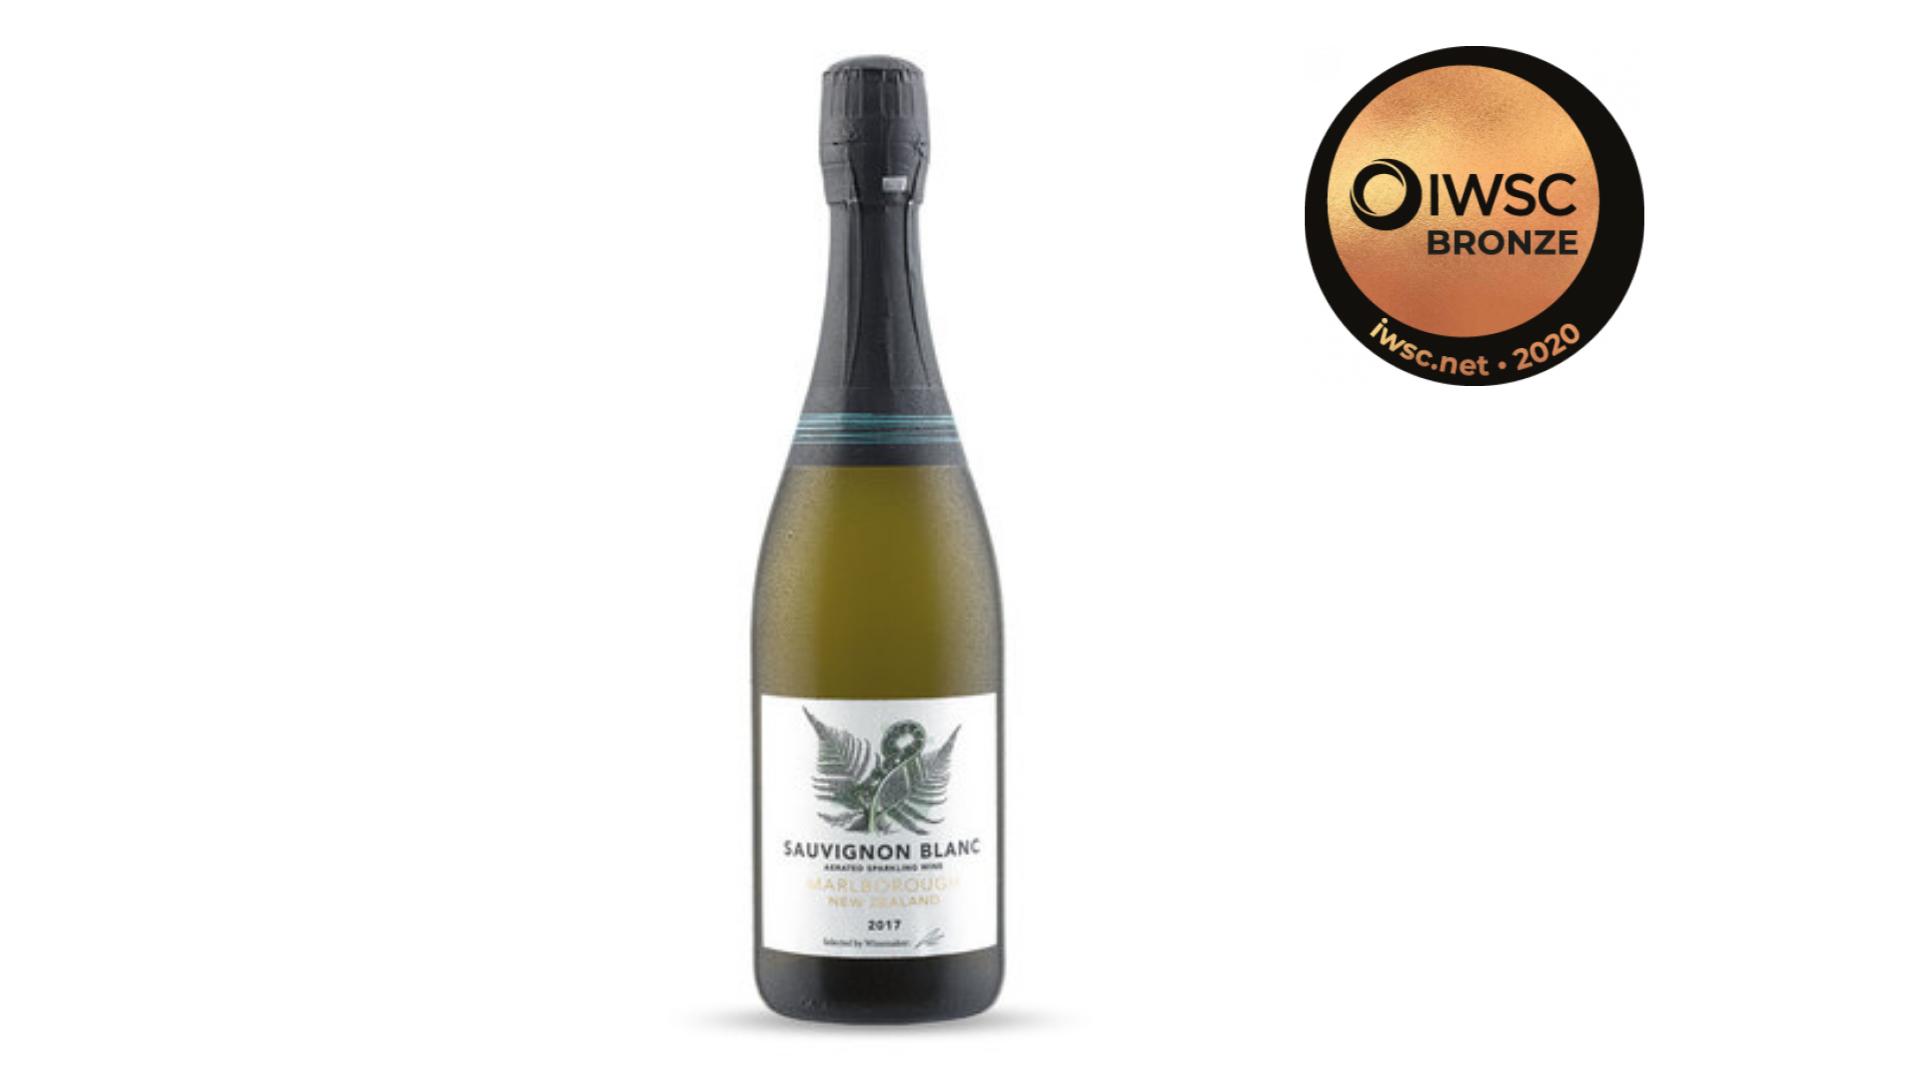 vin mousseux sauvignon blanc de Lidl